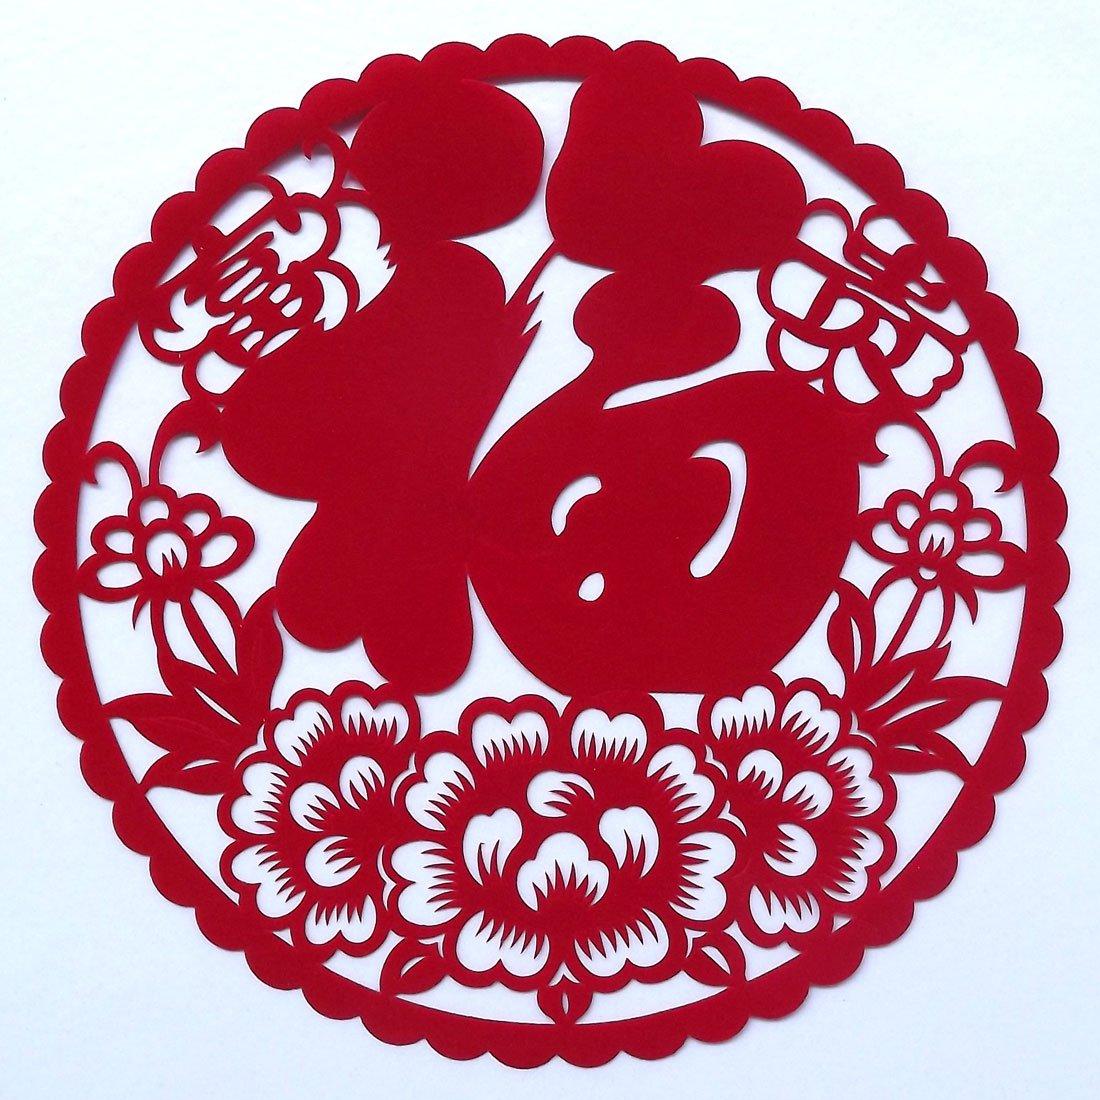 剪纸图片_gexing100 个性一百 zr01 富贵福 年画对联剪纸元旦新年装饰门神年会